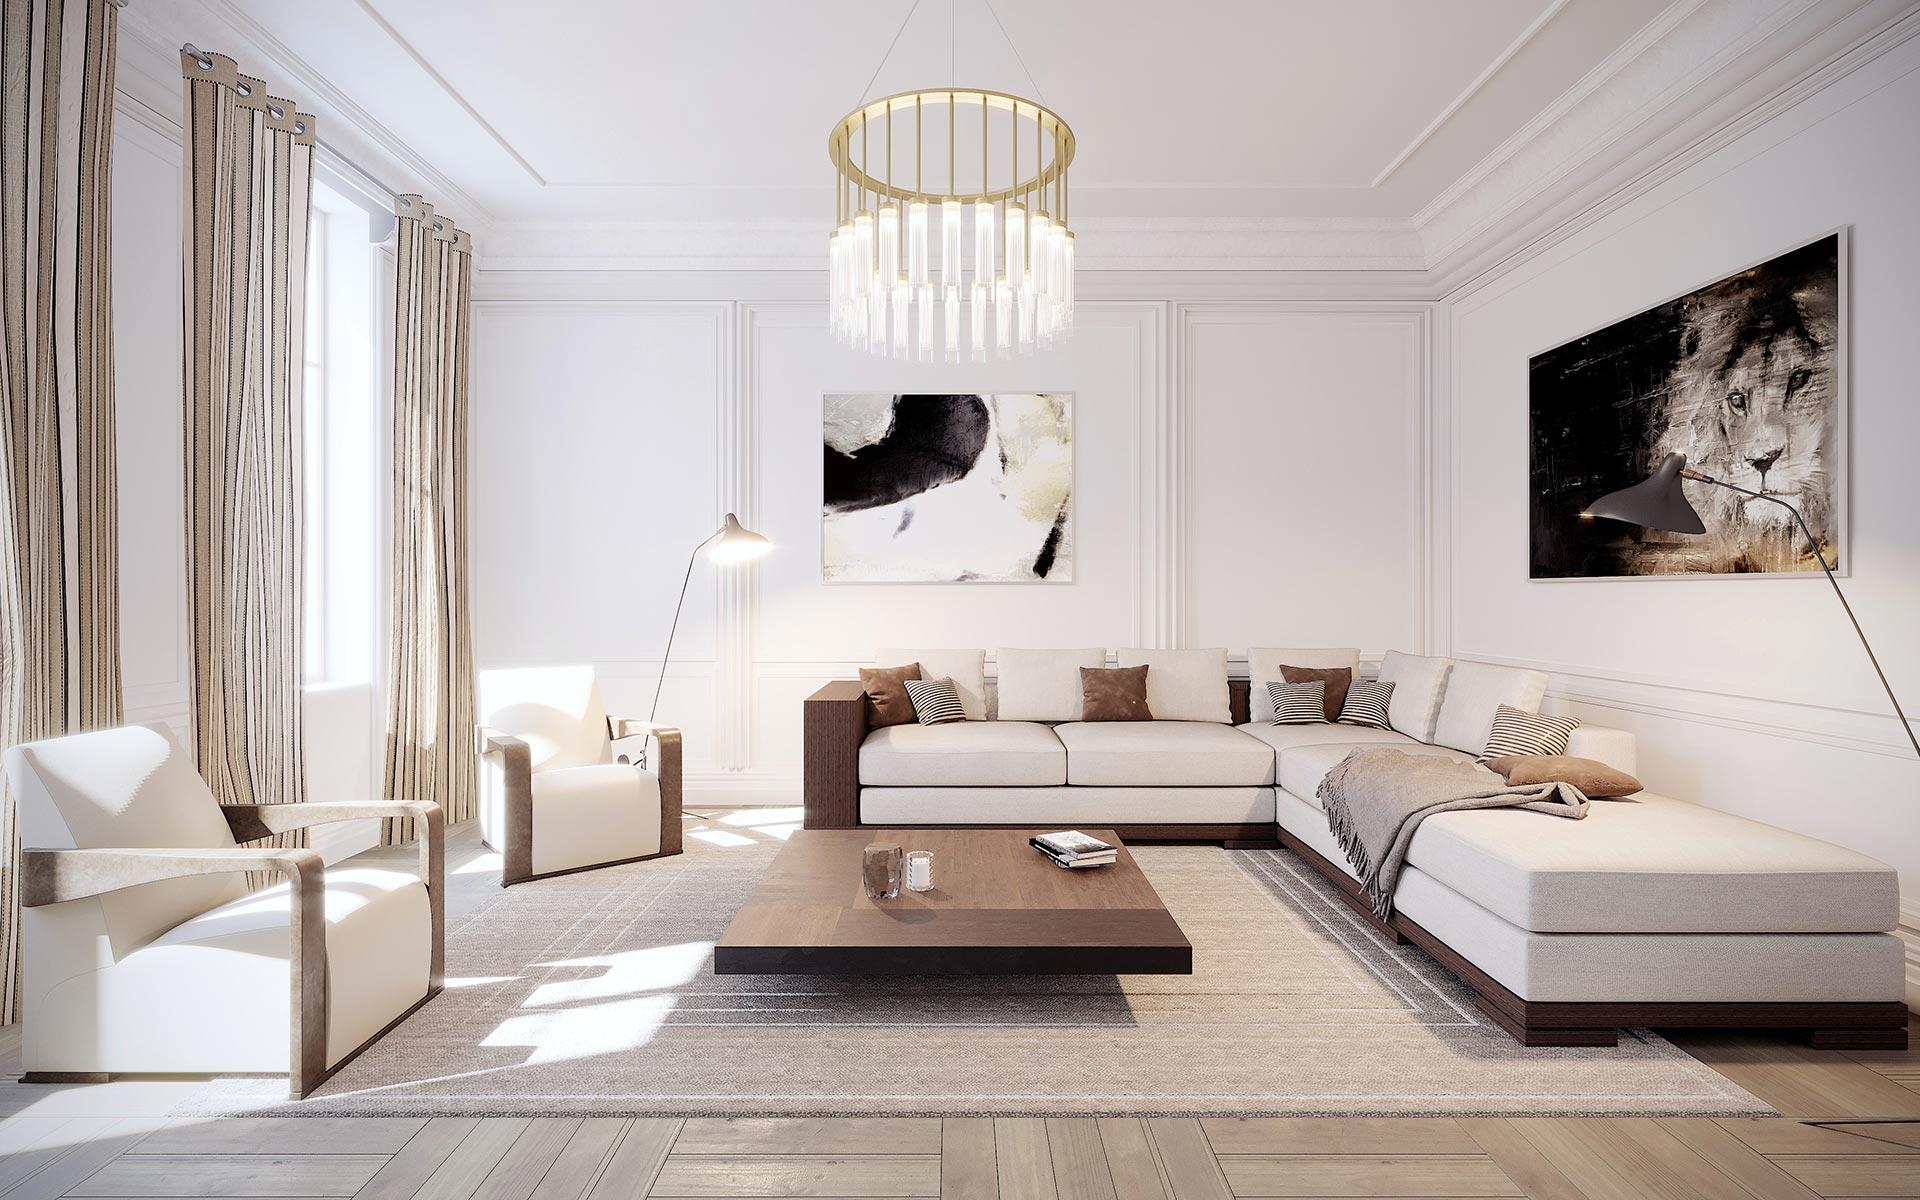 Visualisation en 3D d'un salon pour un projet immobilier de luxe